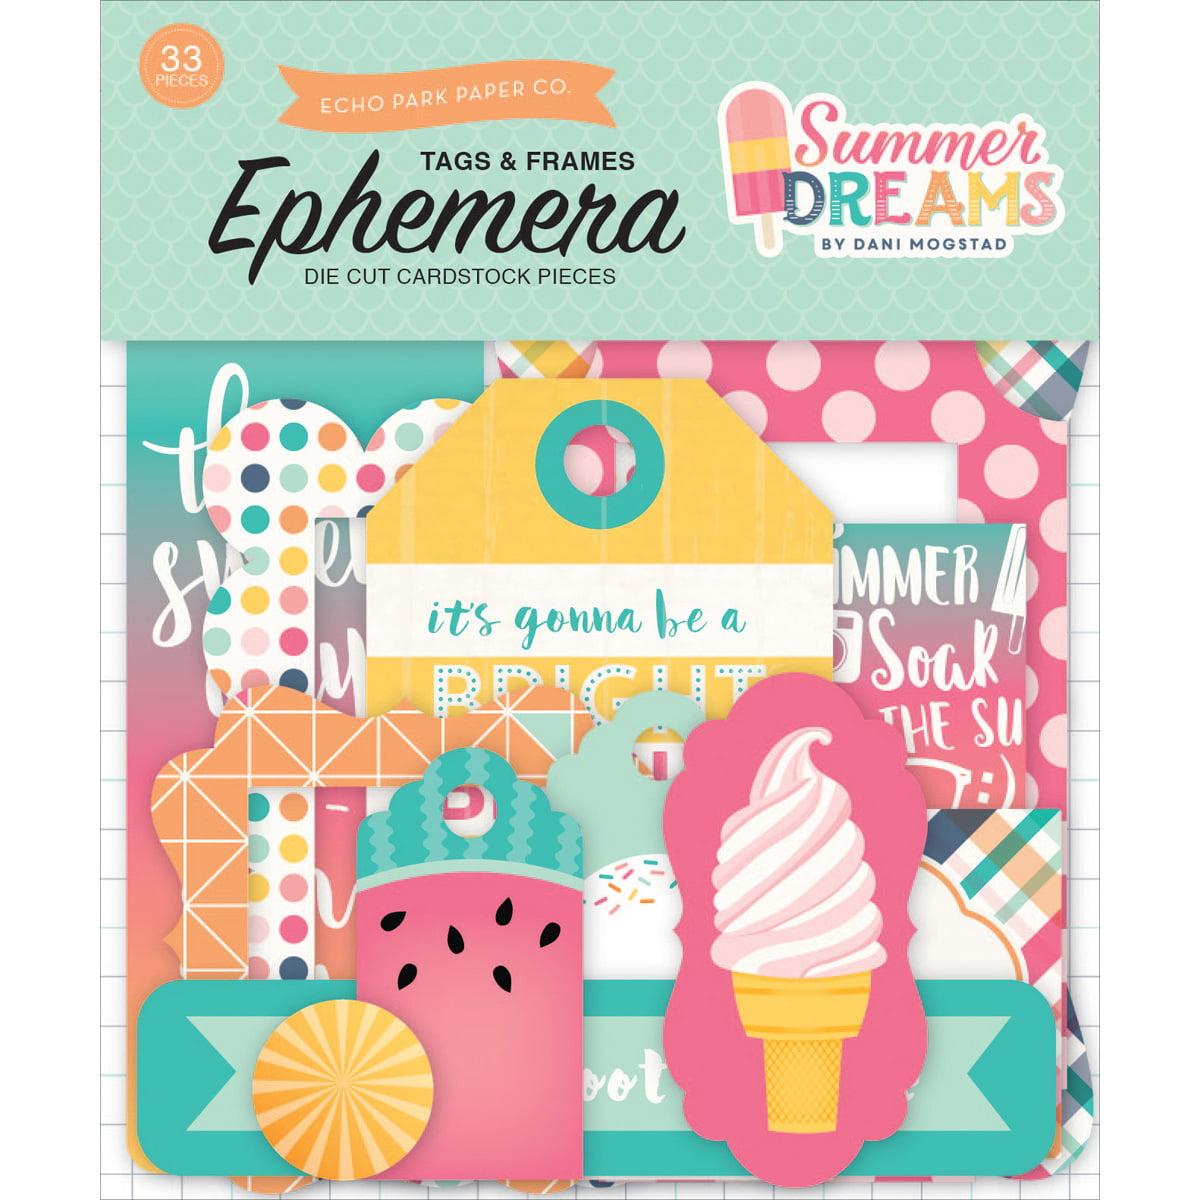 Summer Dreams Ephemera Cardstock Die - Cuts - Frames & Tags